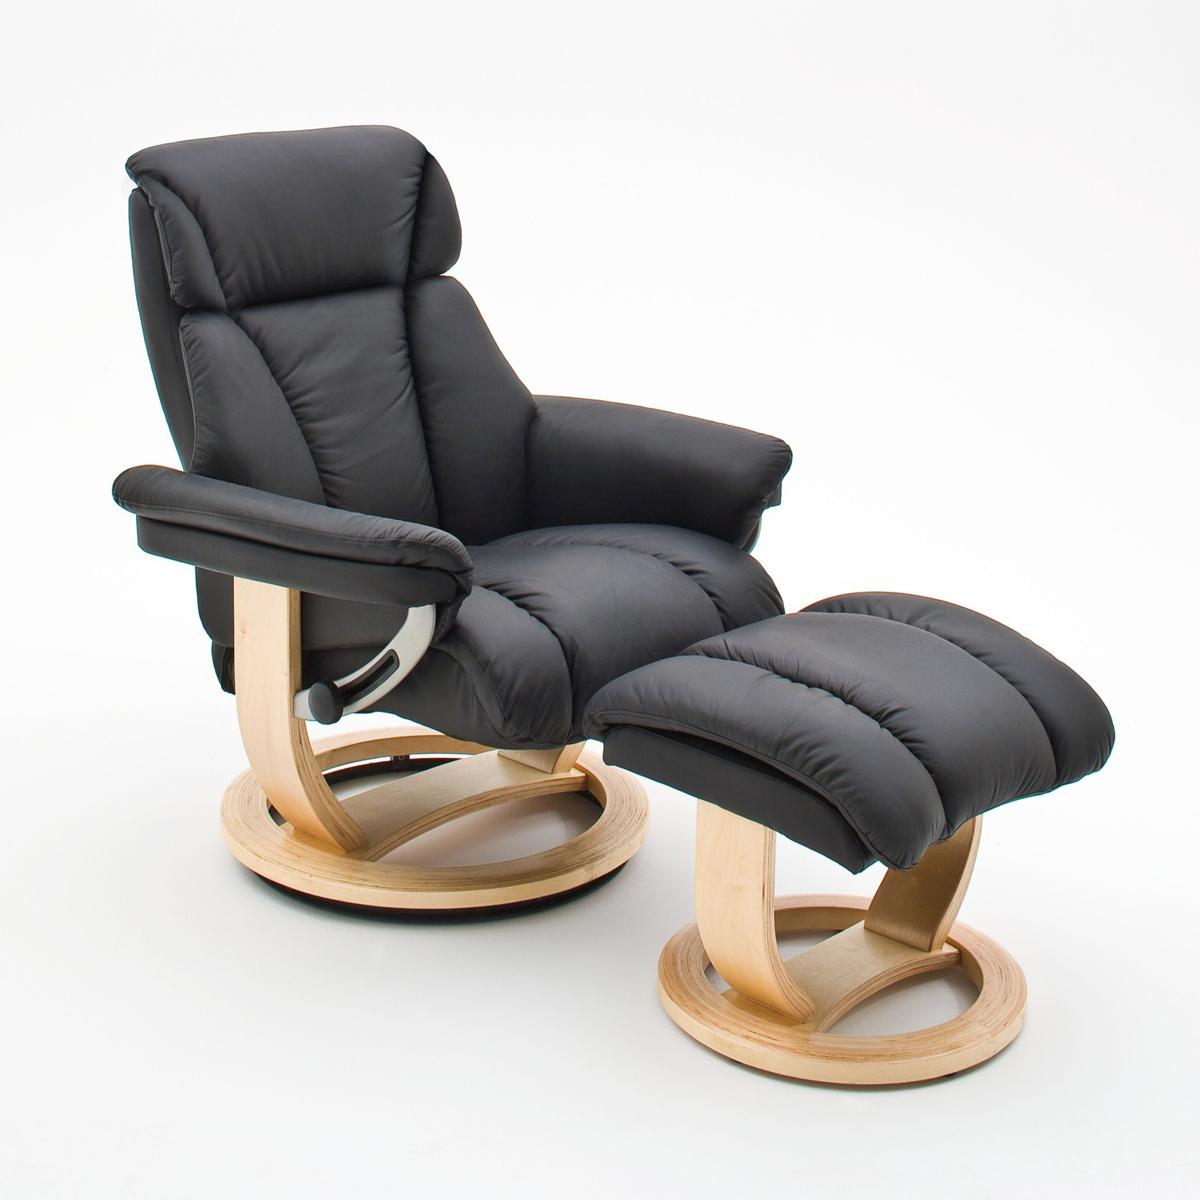 relaxsessel kingston sessel und hocker echtes leder in. Black Bedroom Furniture Sets. Home Design Ideas